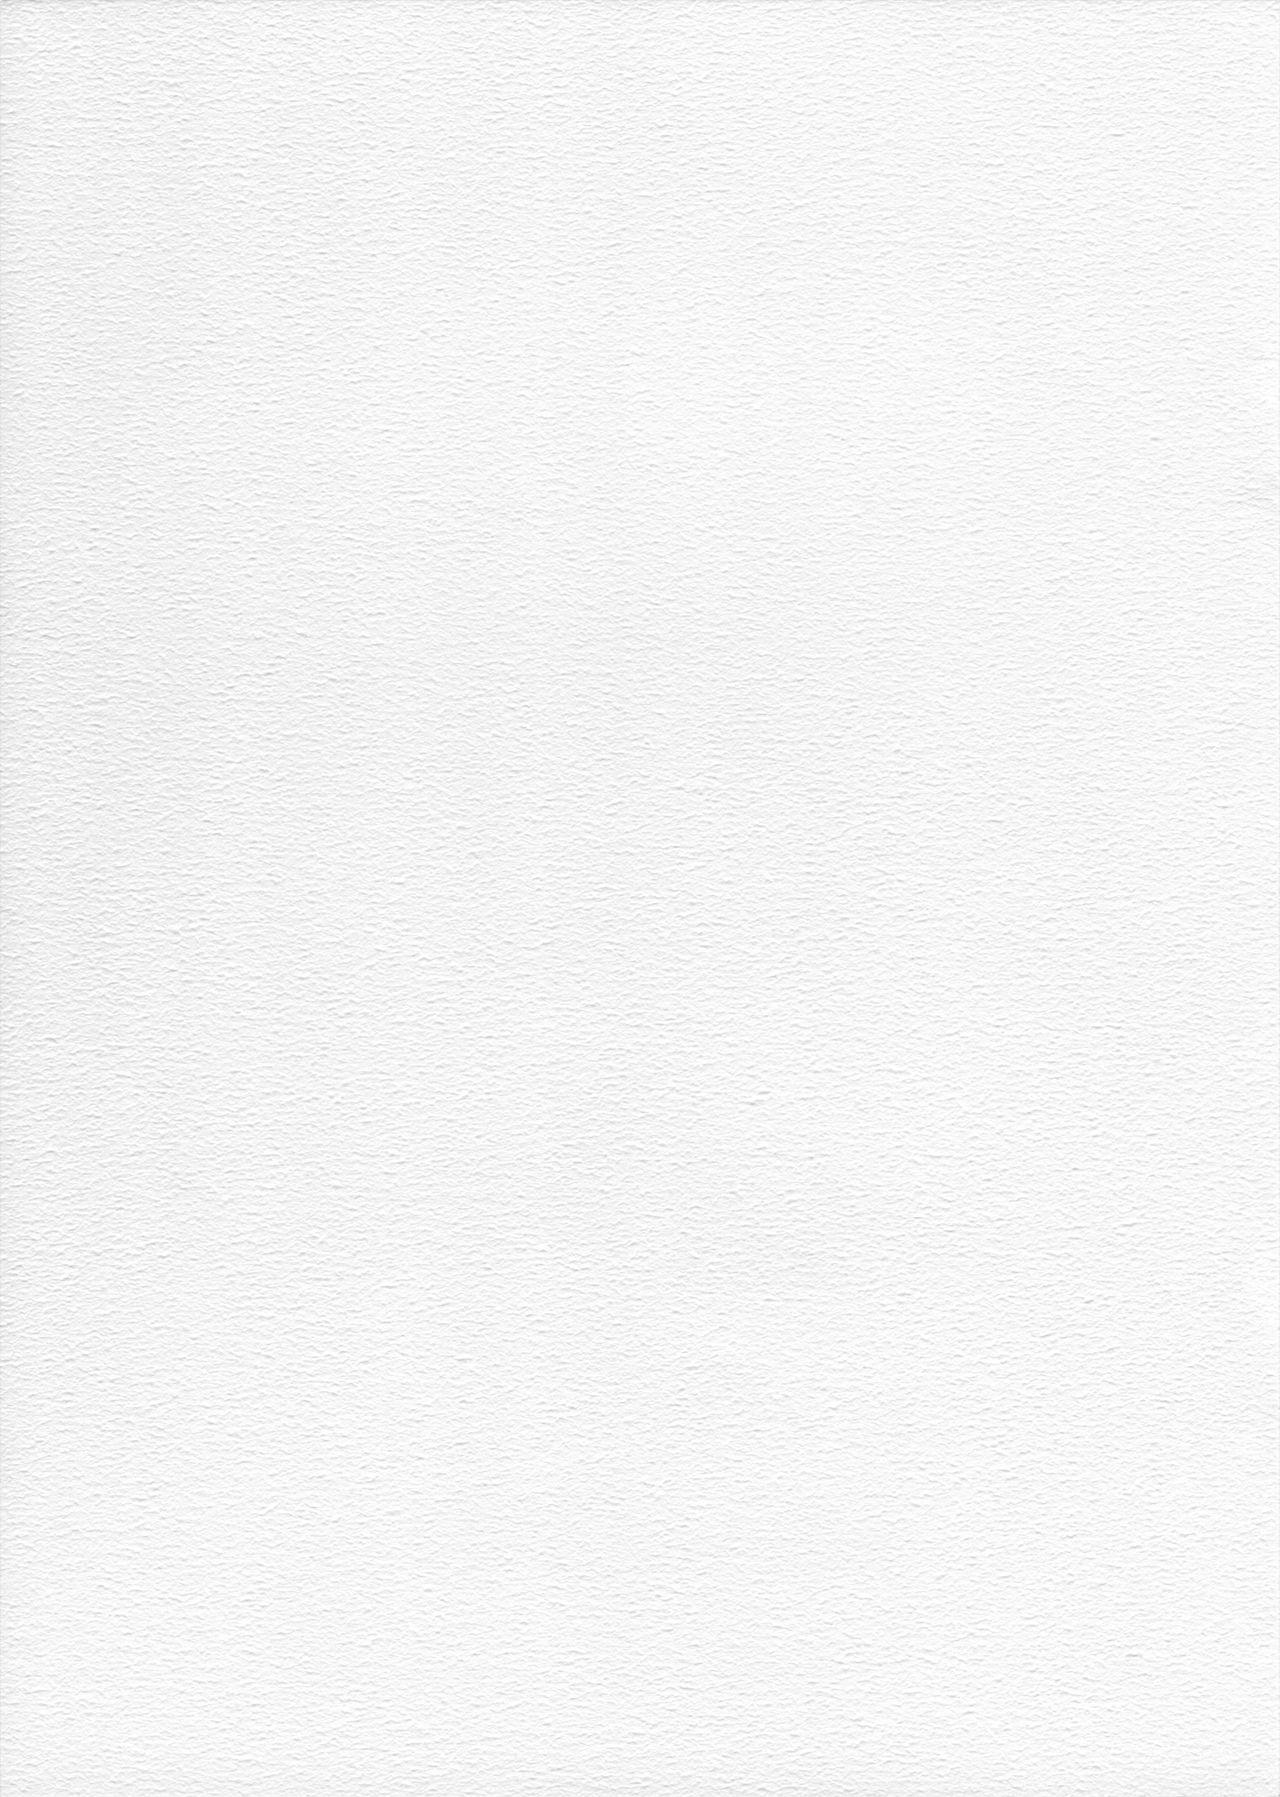 [Subesube 1kg (Narita Kyousha)] 9-Ji Kara 5-ji Made no Koibito Dai 11 wa - Nine to Five Lover [English] [Fated Circle] 34